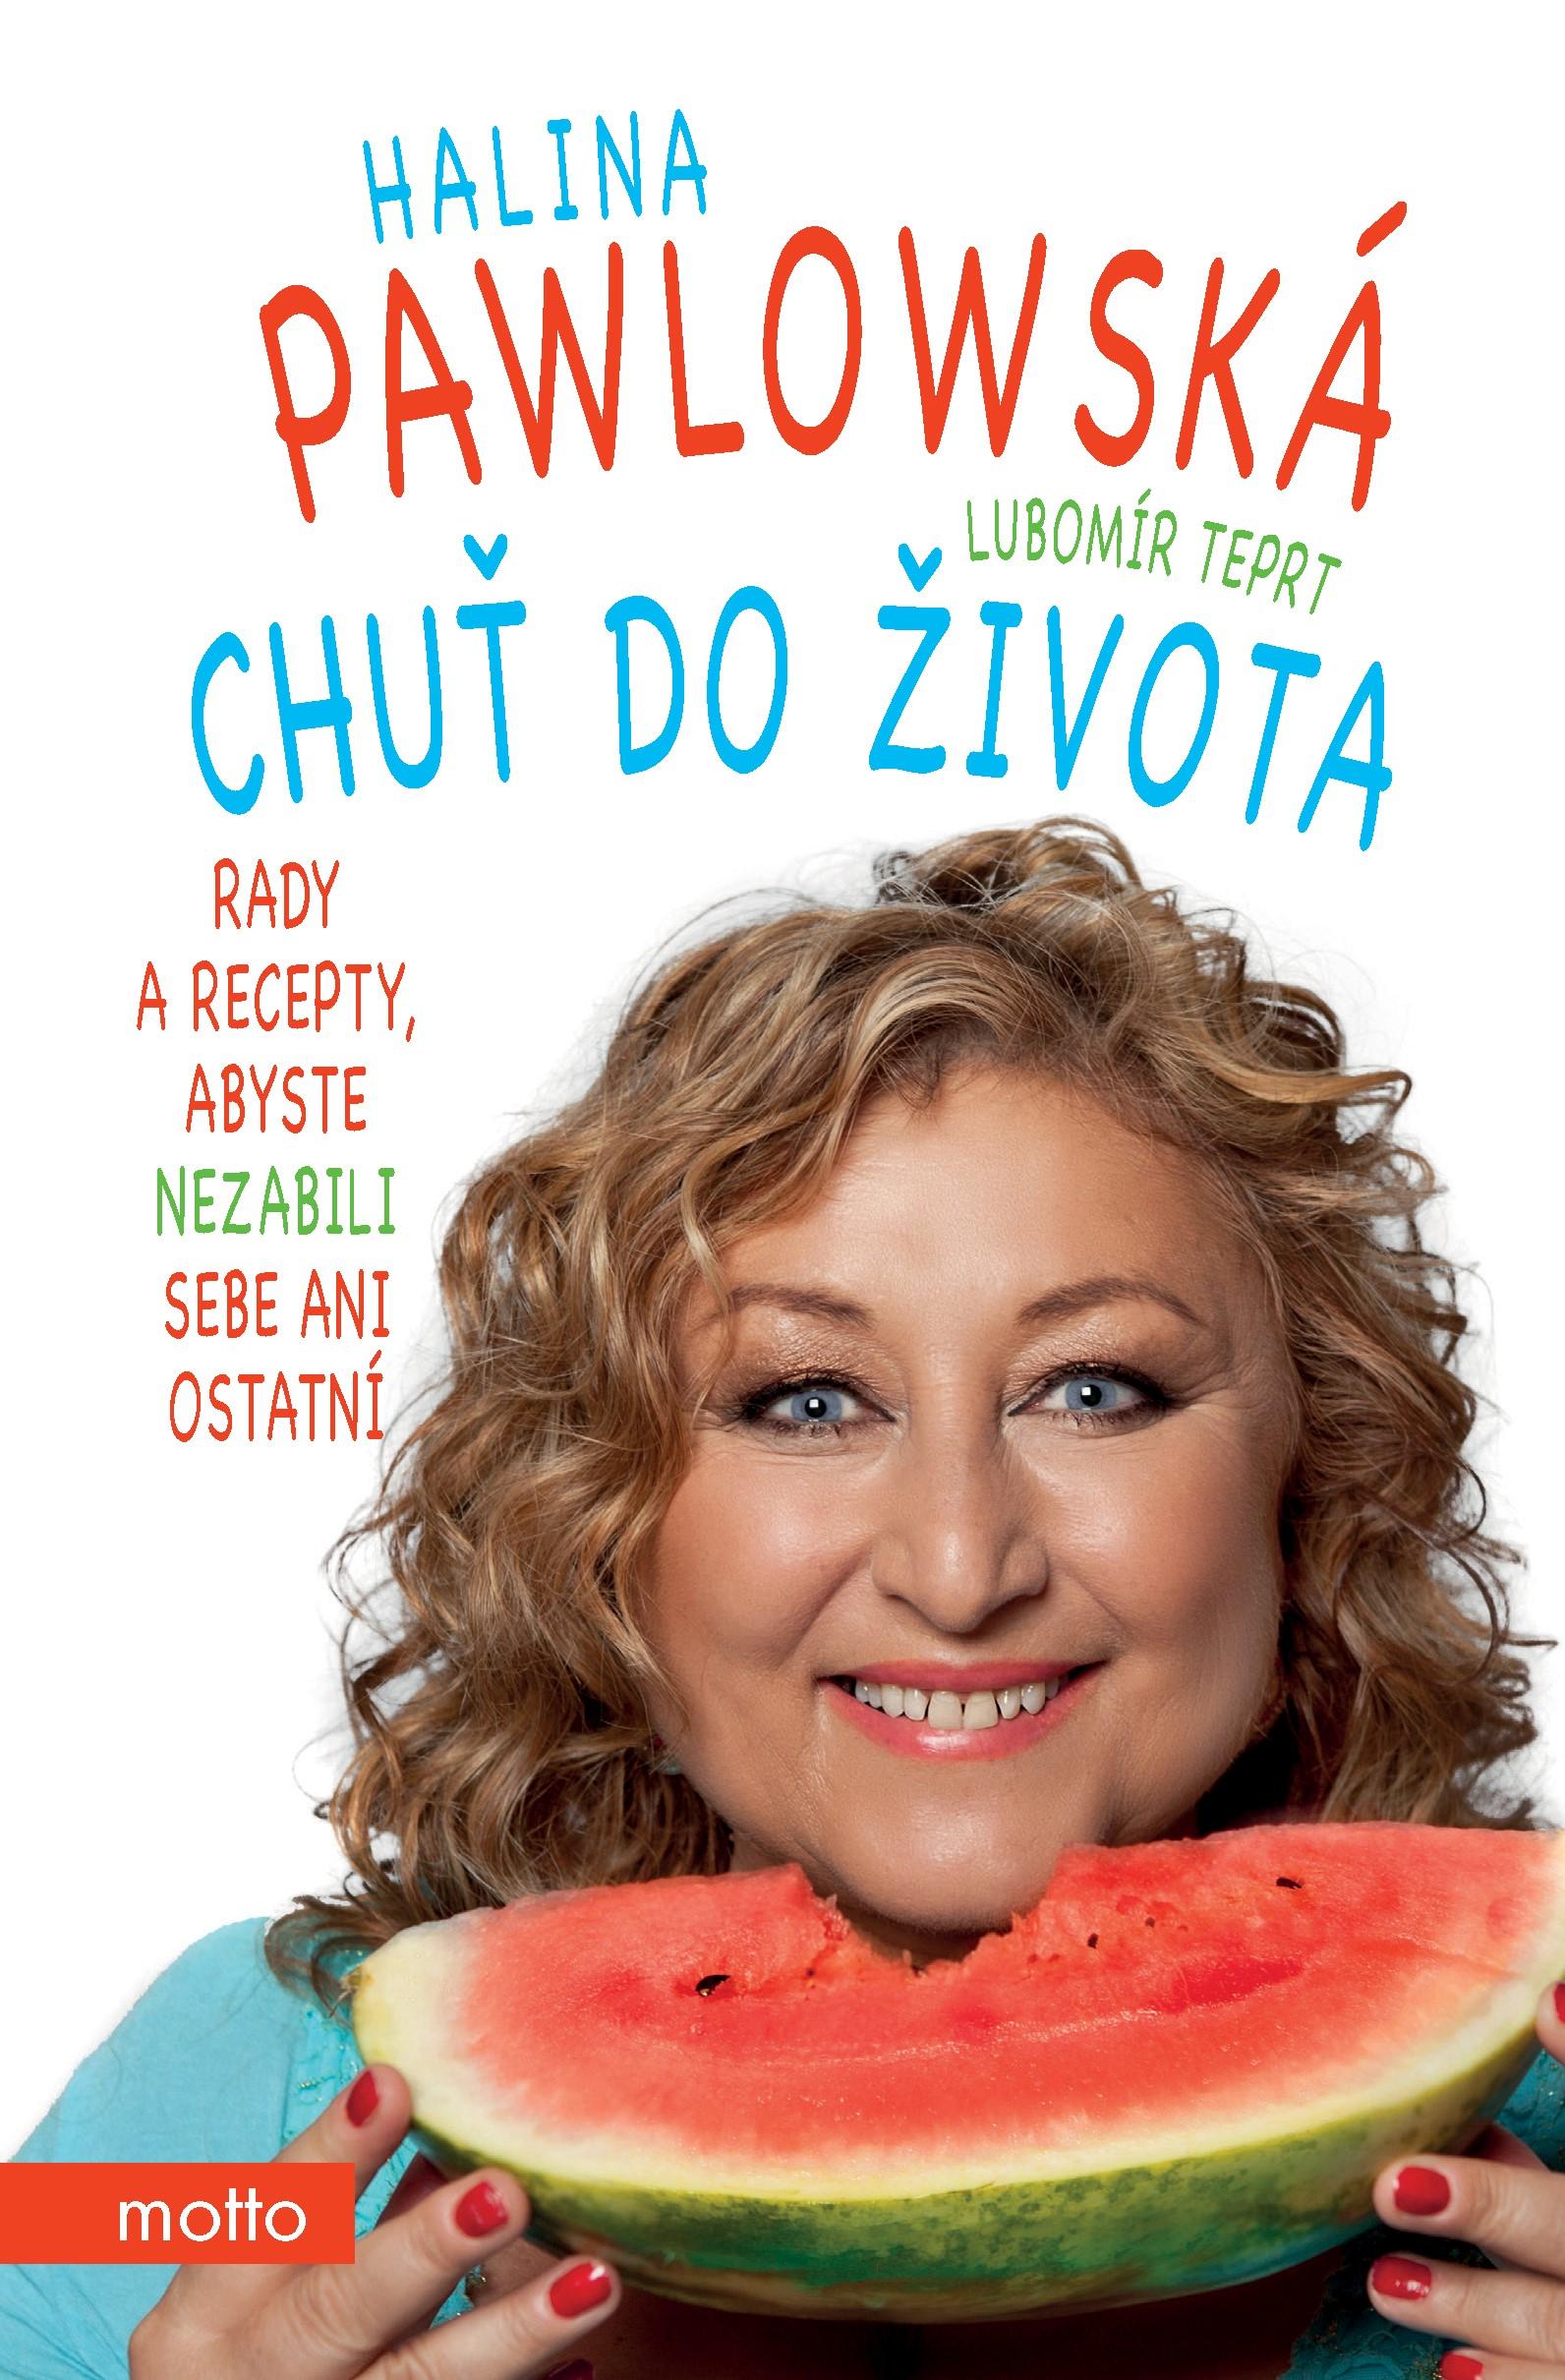 Chuť do života - Halina Pawlowská, Lubomír Teprt